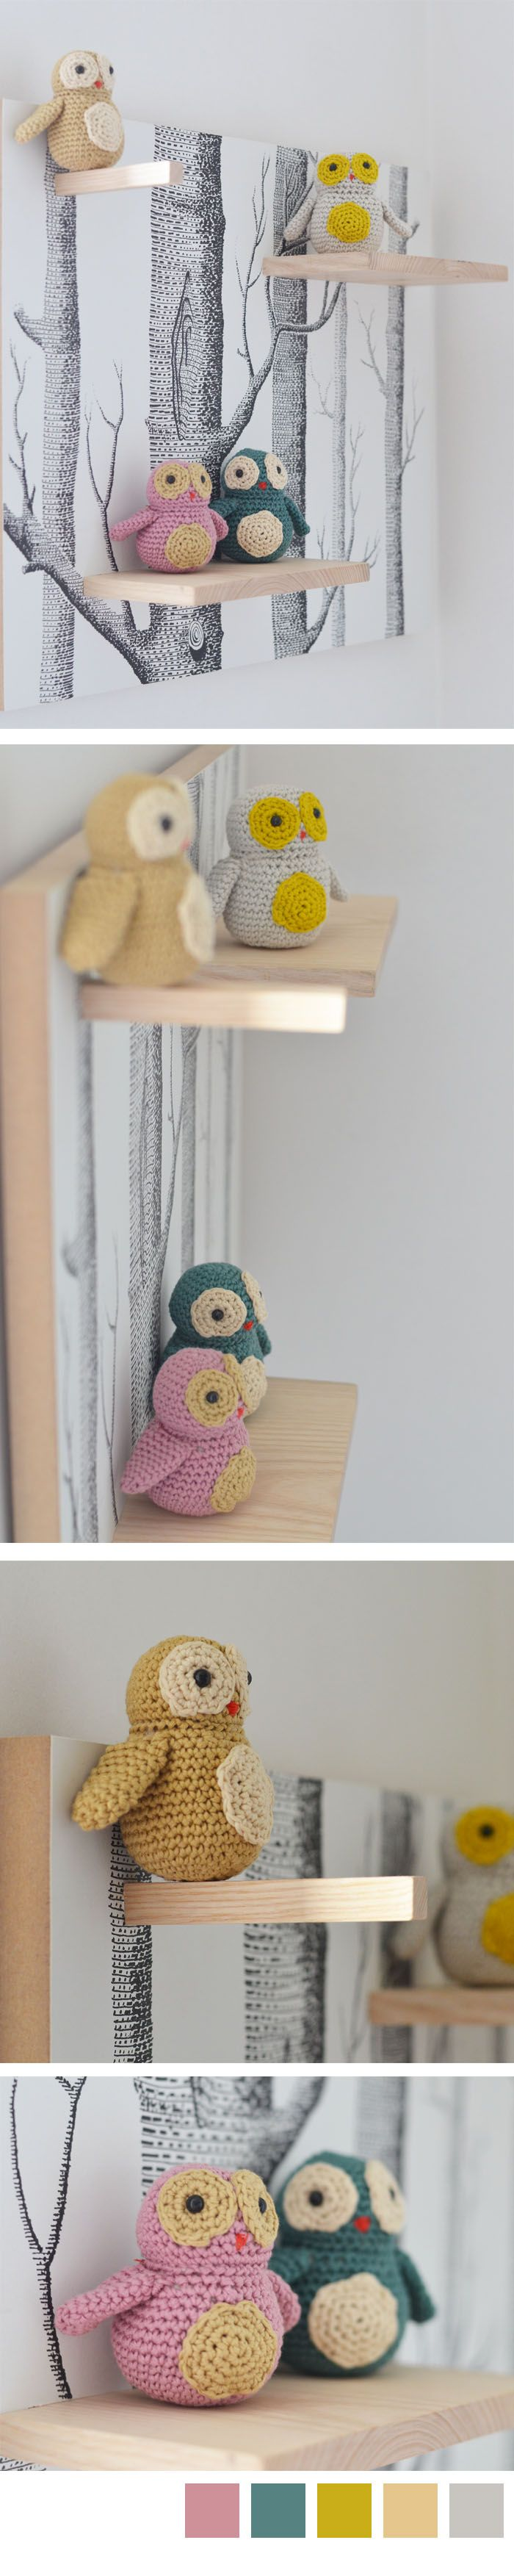 Petites chouettes en crochet, de L'encre violette